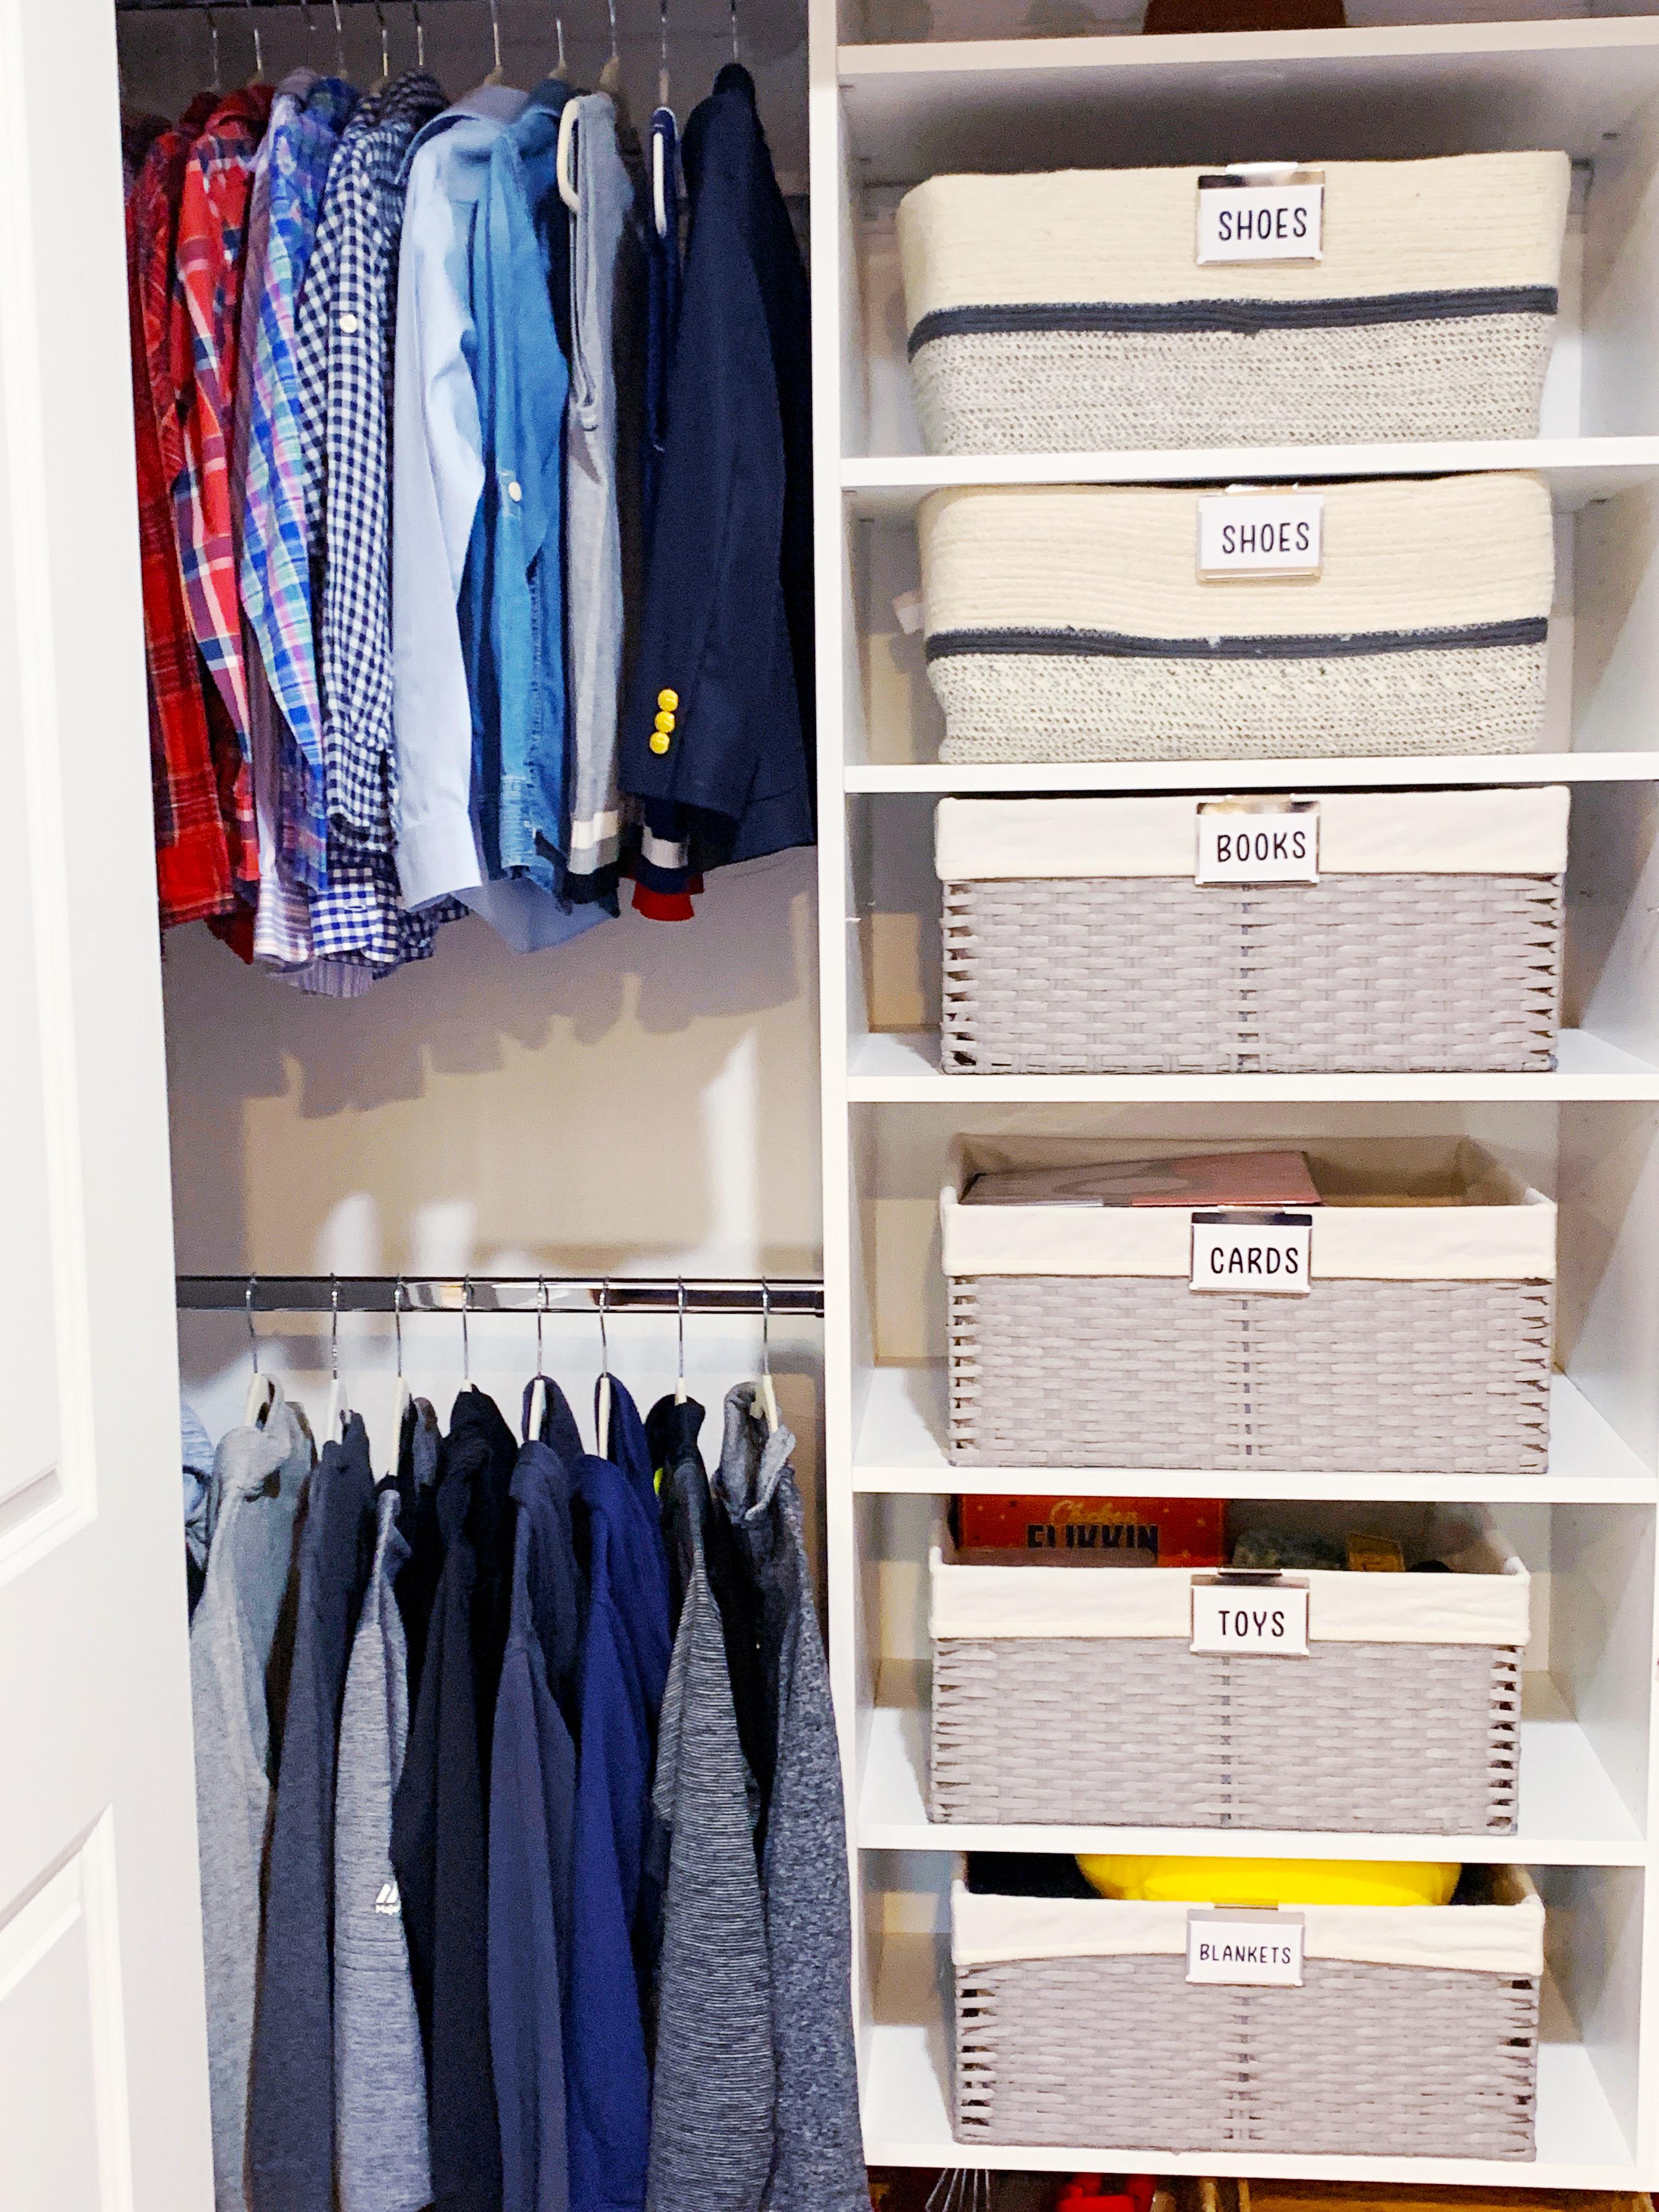 Matching bins are best when organized vertically